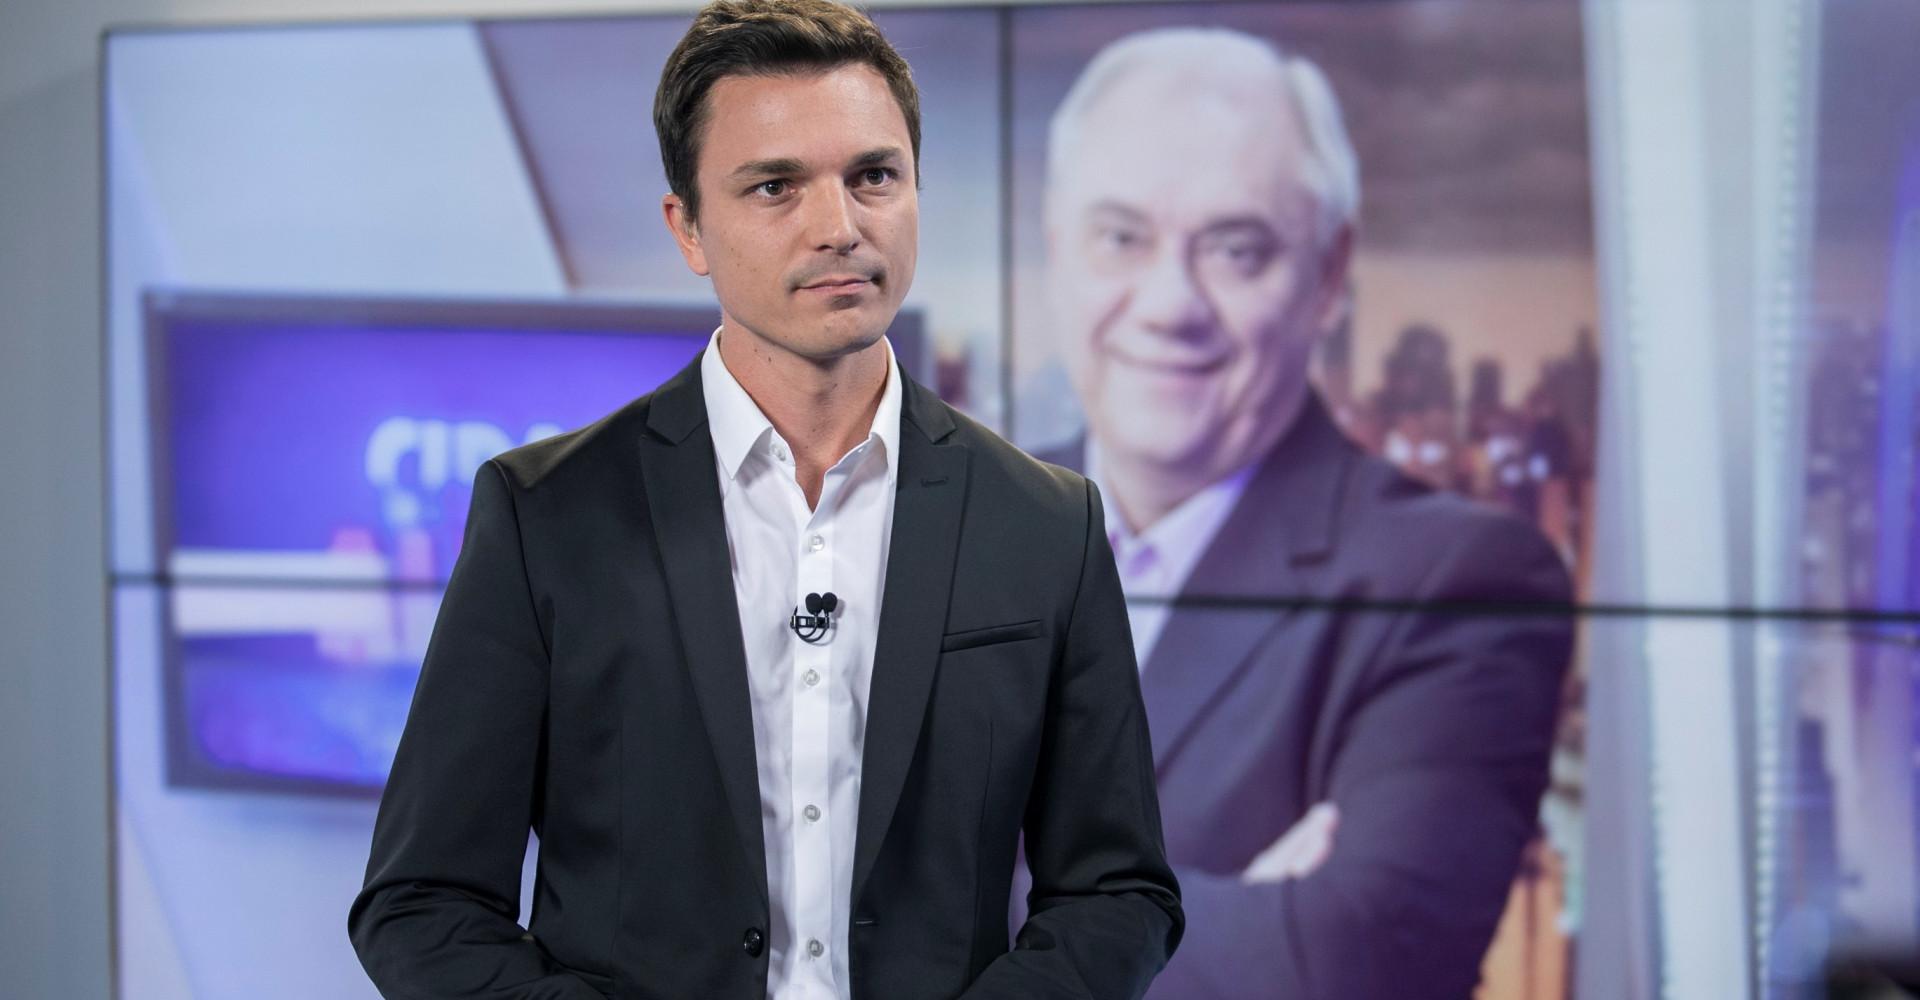 Filho de Marcelo Rezende estreia como apresentador na TV argentina